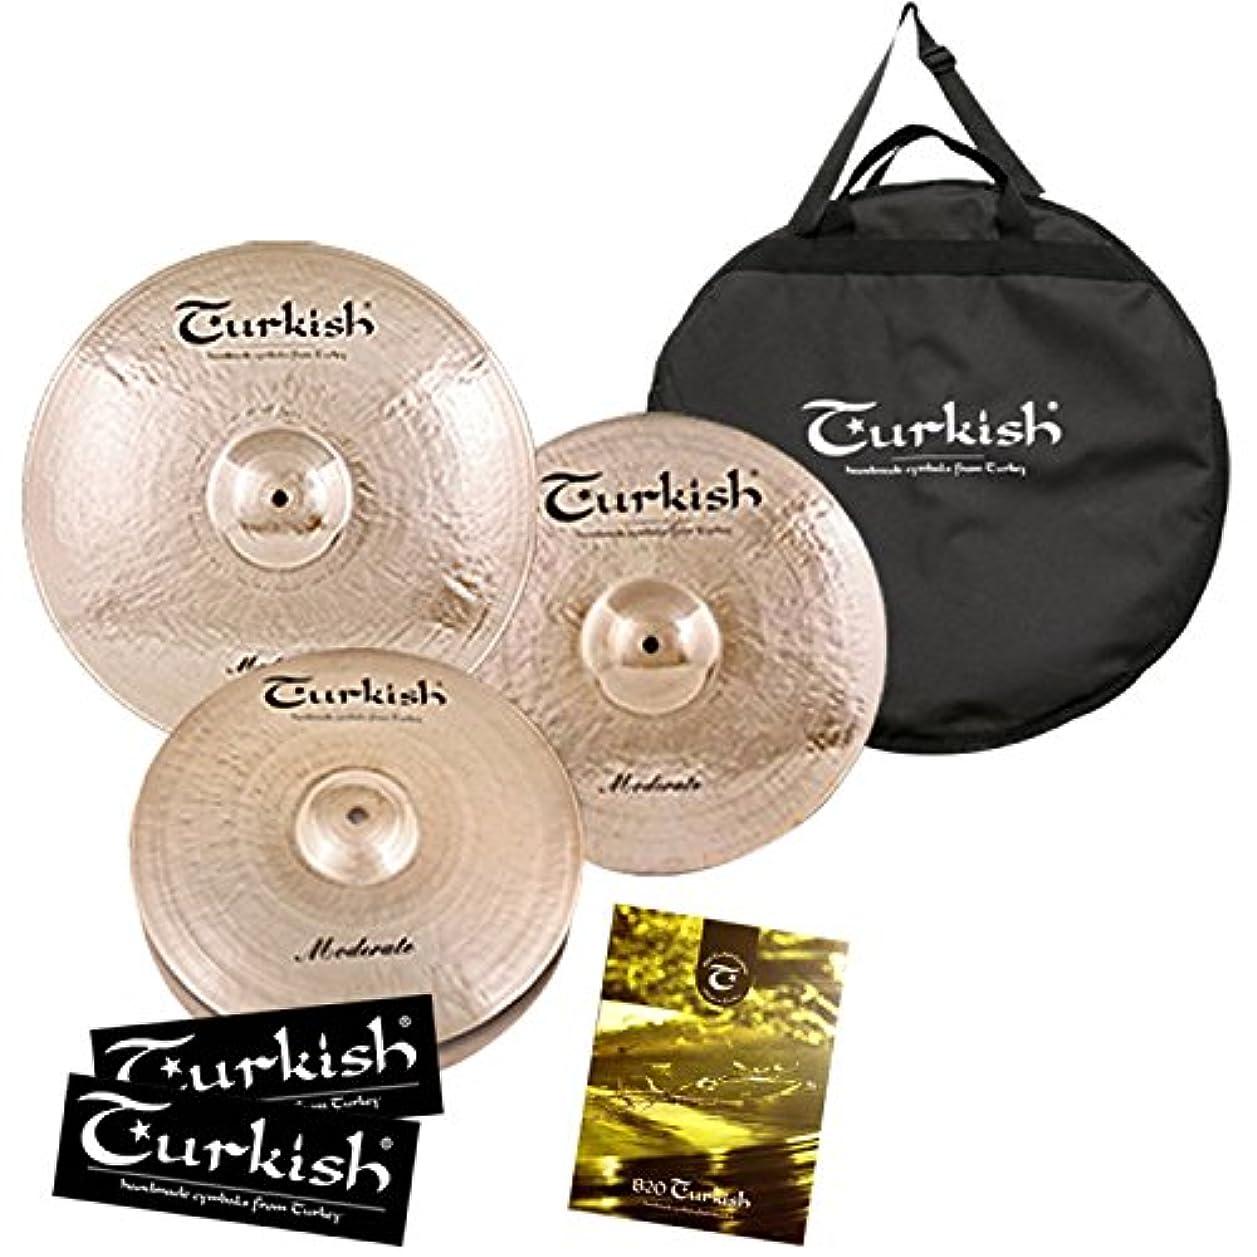 歩き回るワーカー主流Turkish Cymbals Moderate Cymbal Pack Box Set (14HH-16C-20R +BAG) M-SET-3